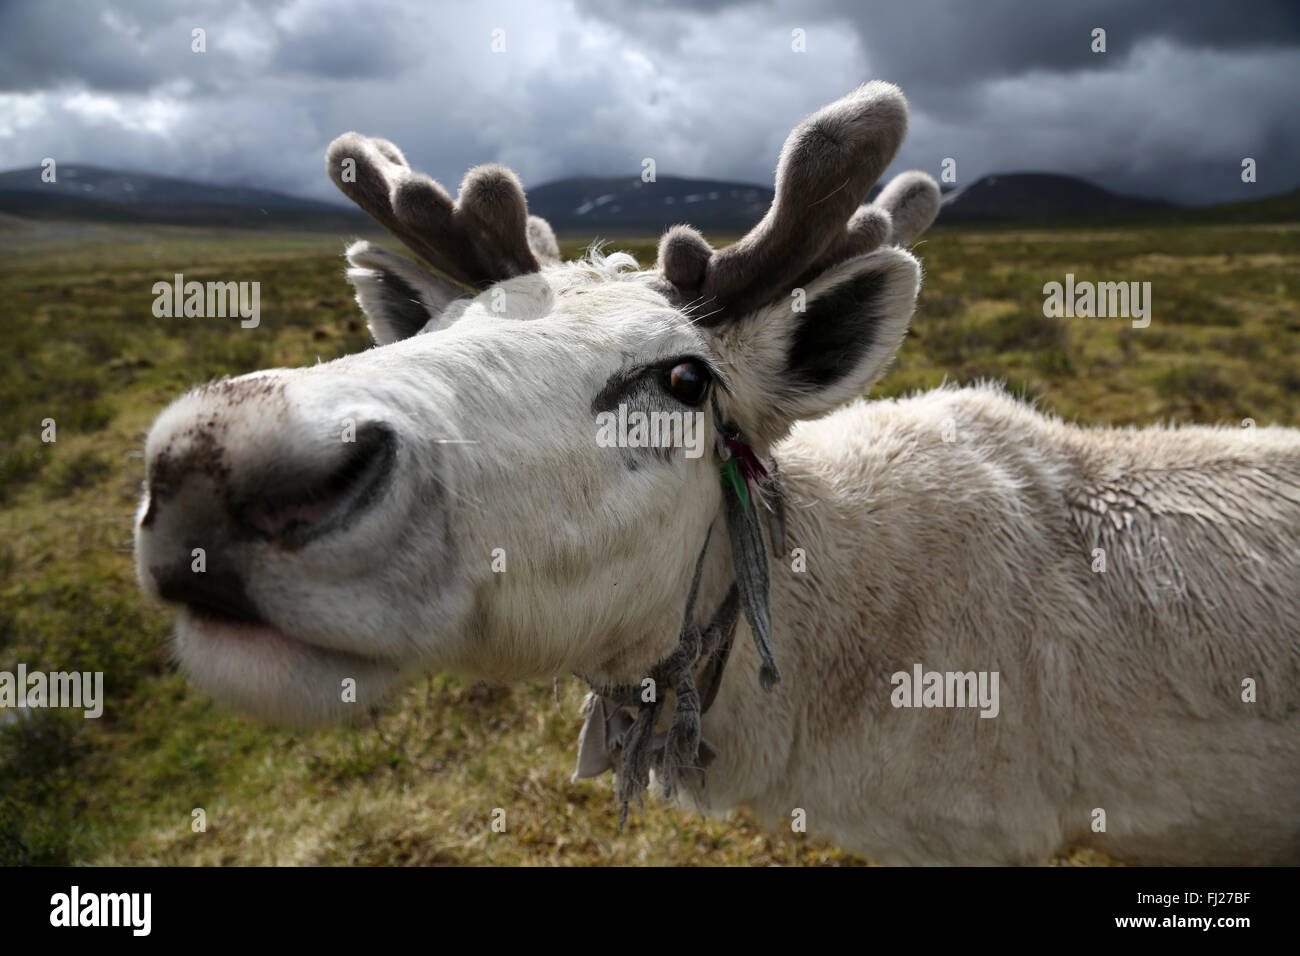 Reindeer, , Tsaatan Dukha people , nomadic reindeer herders , Mongolia - Stock Image